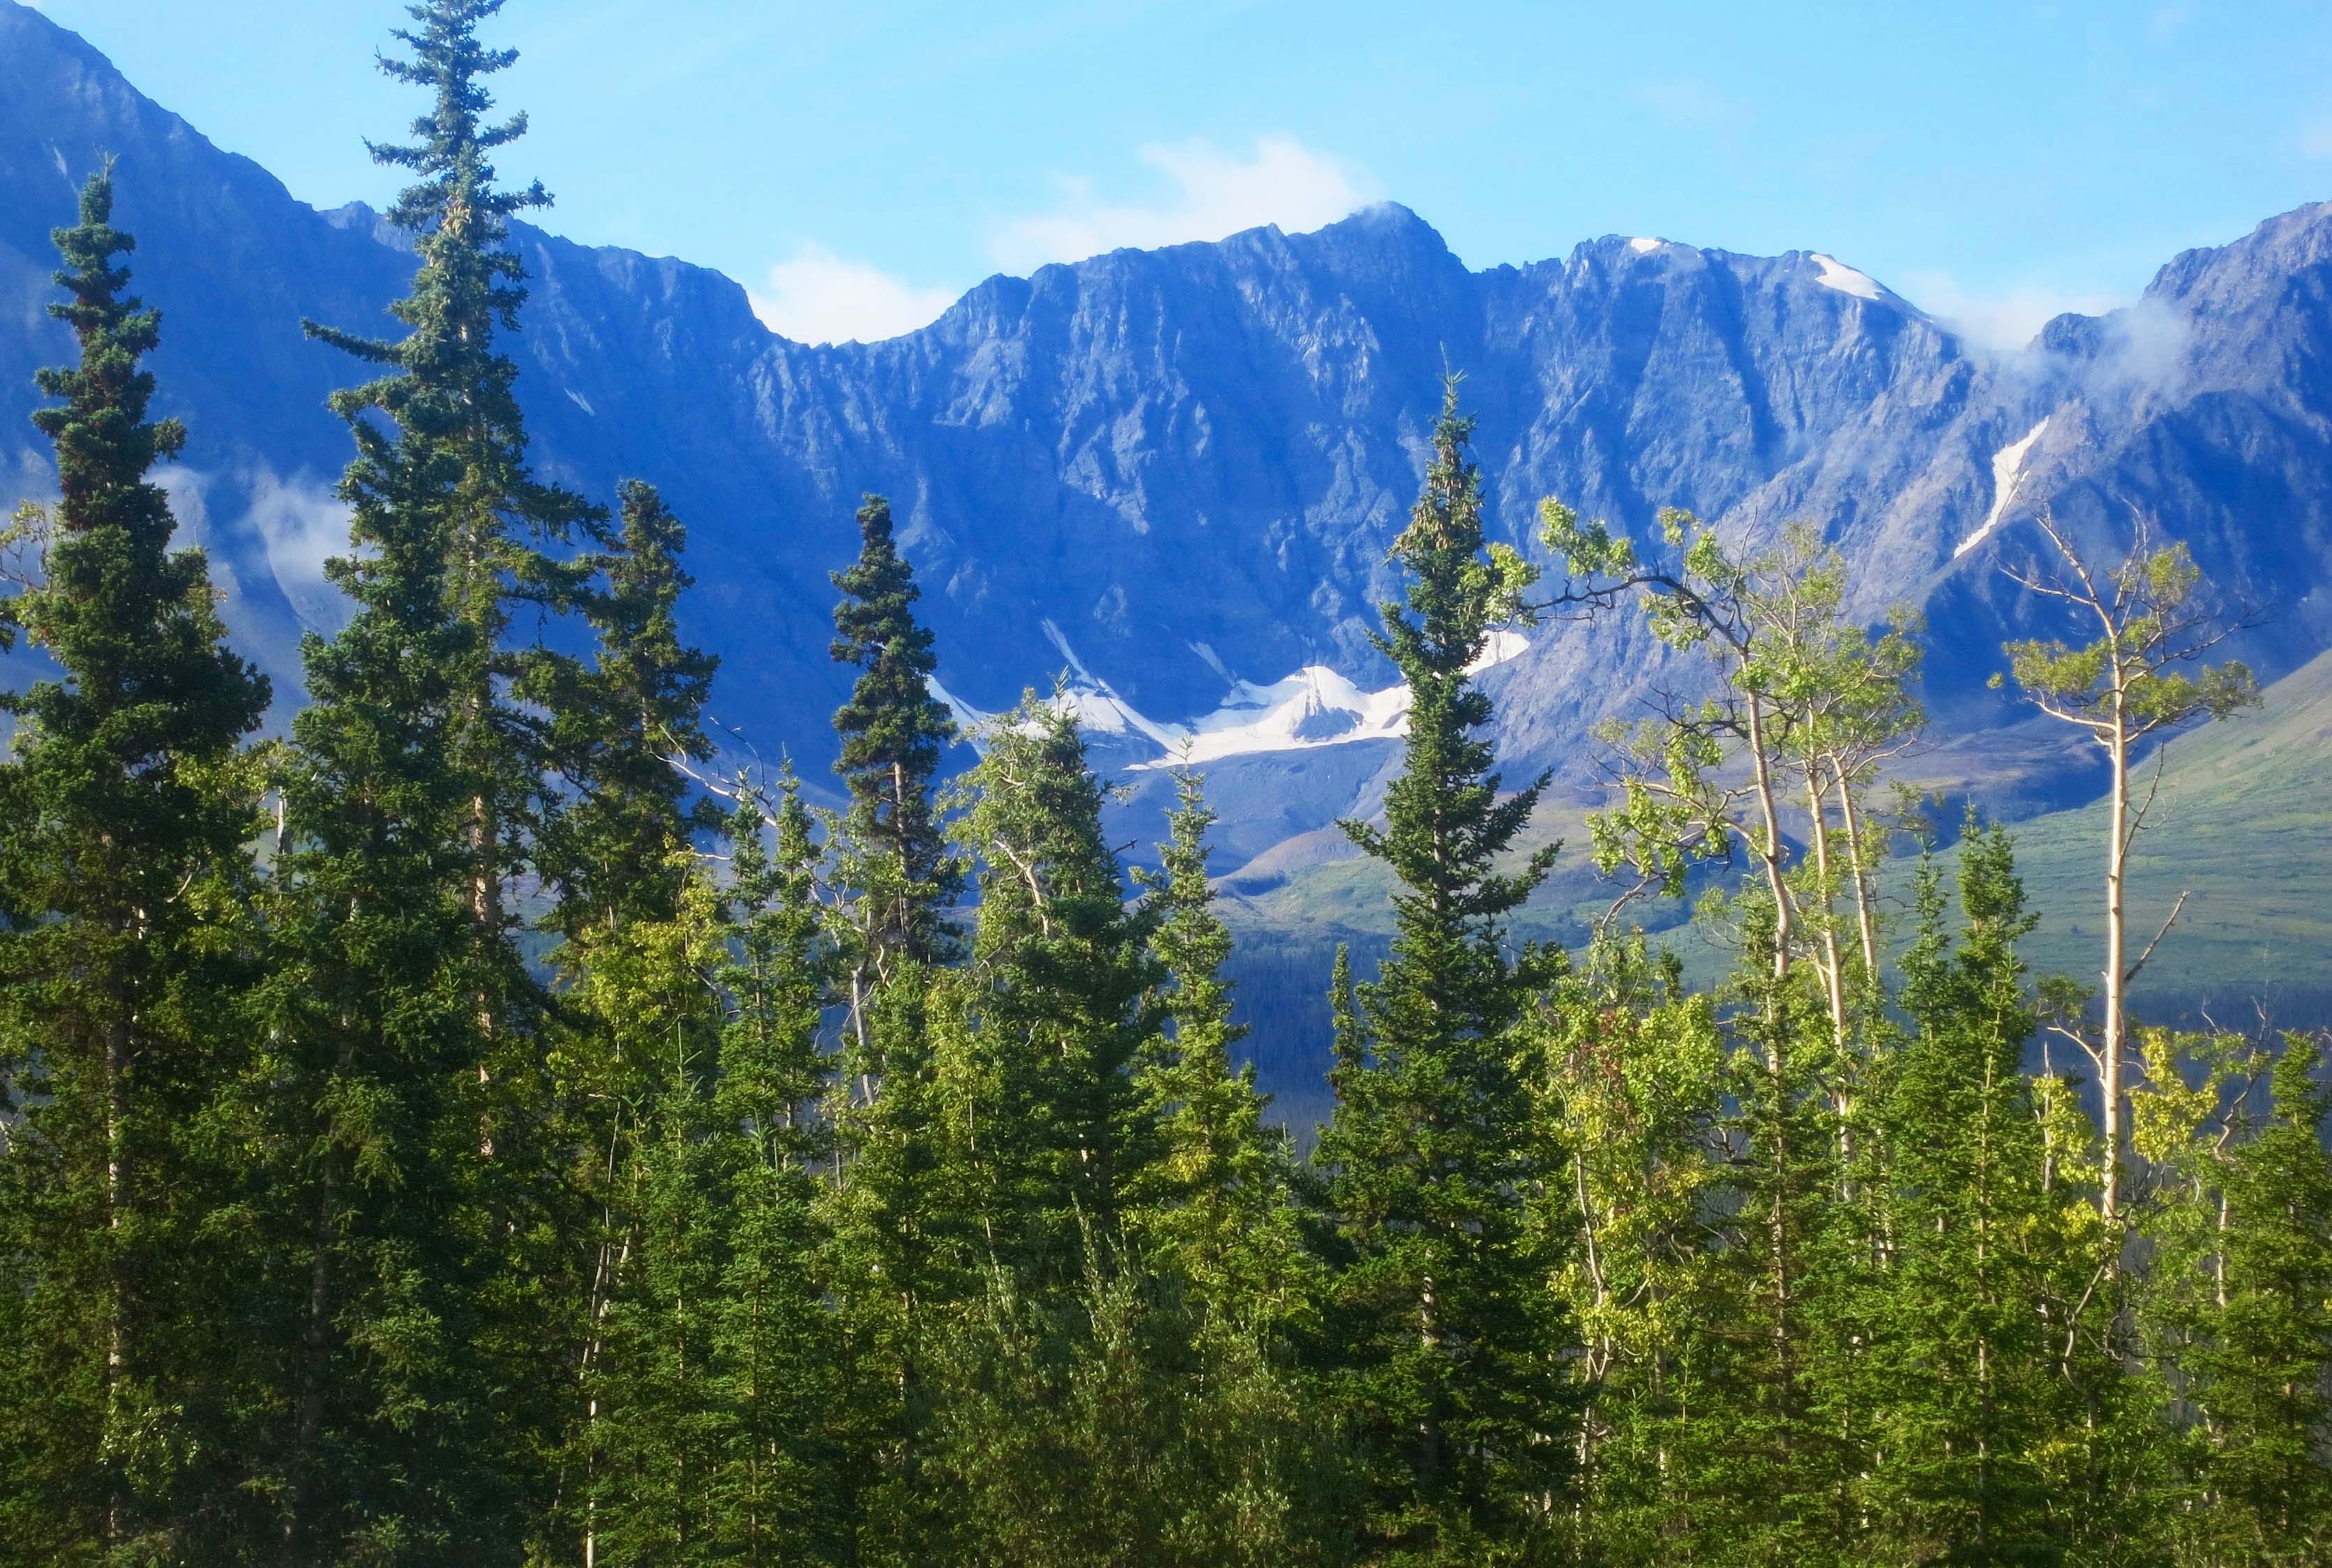 Yukon mountain and trees